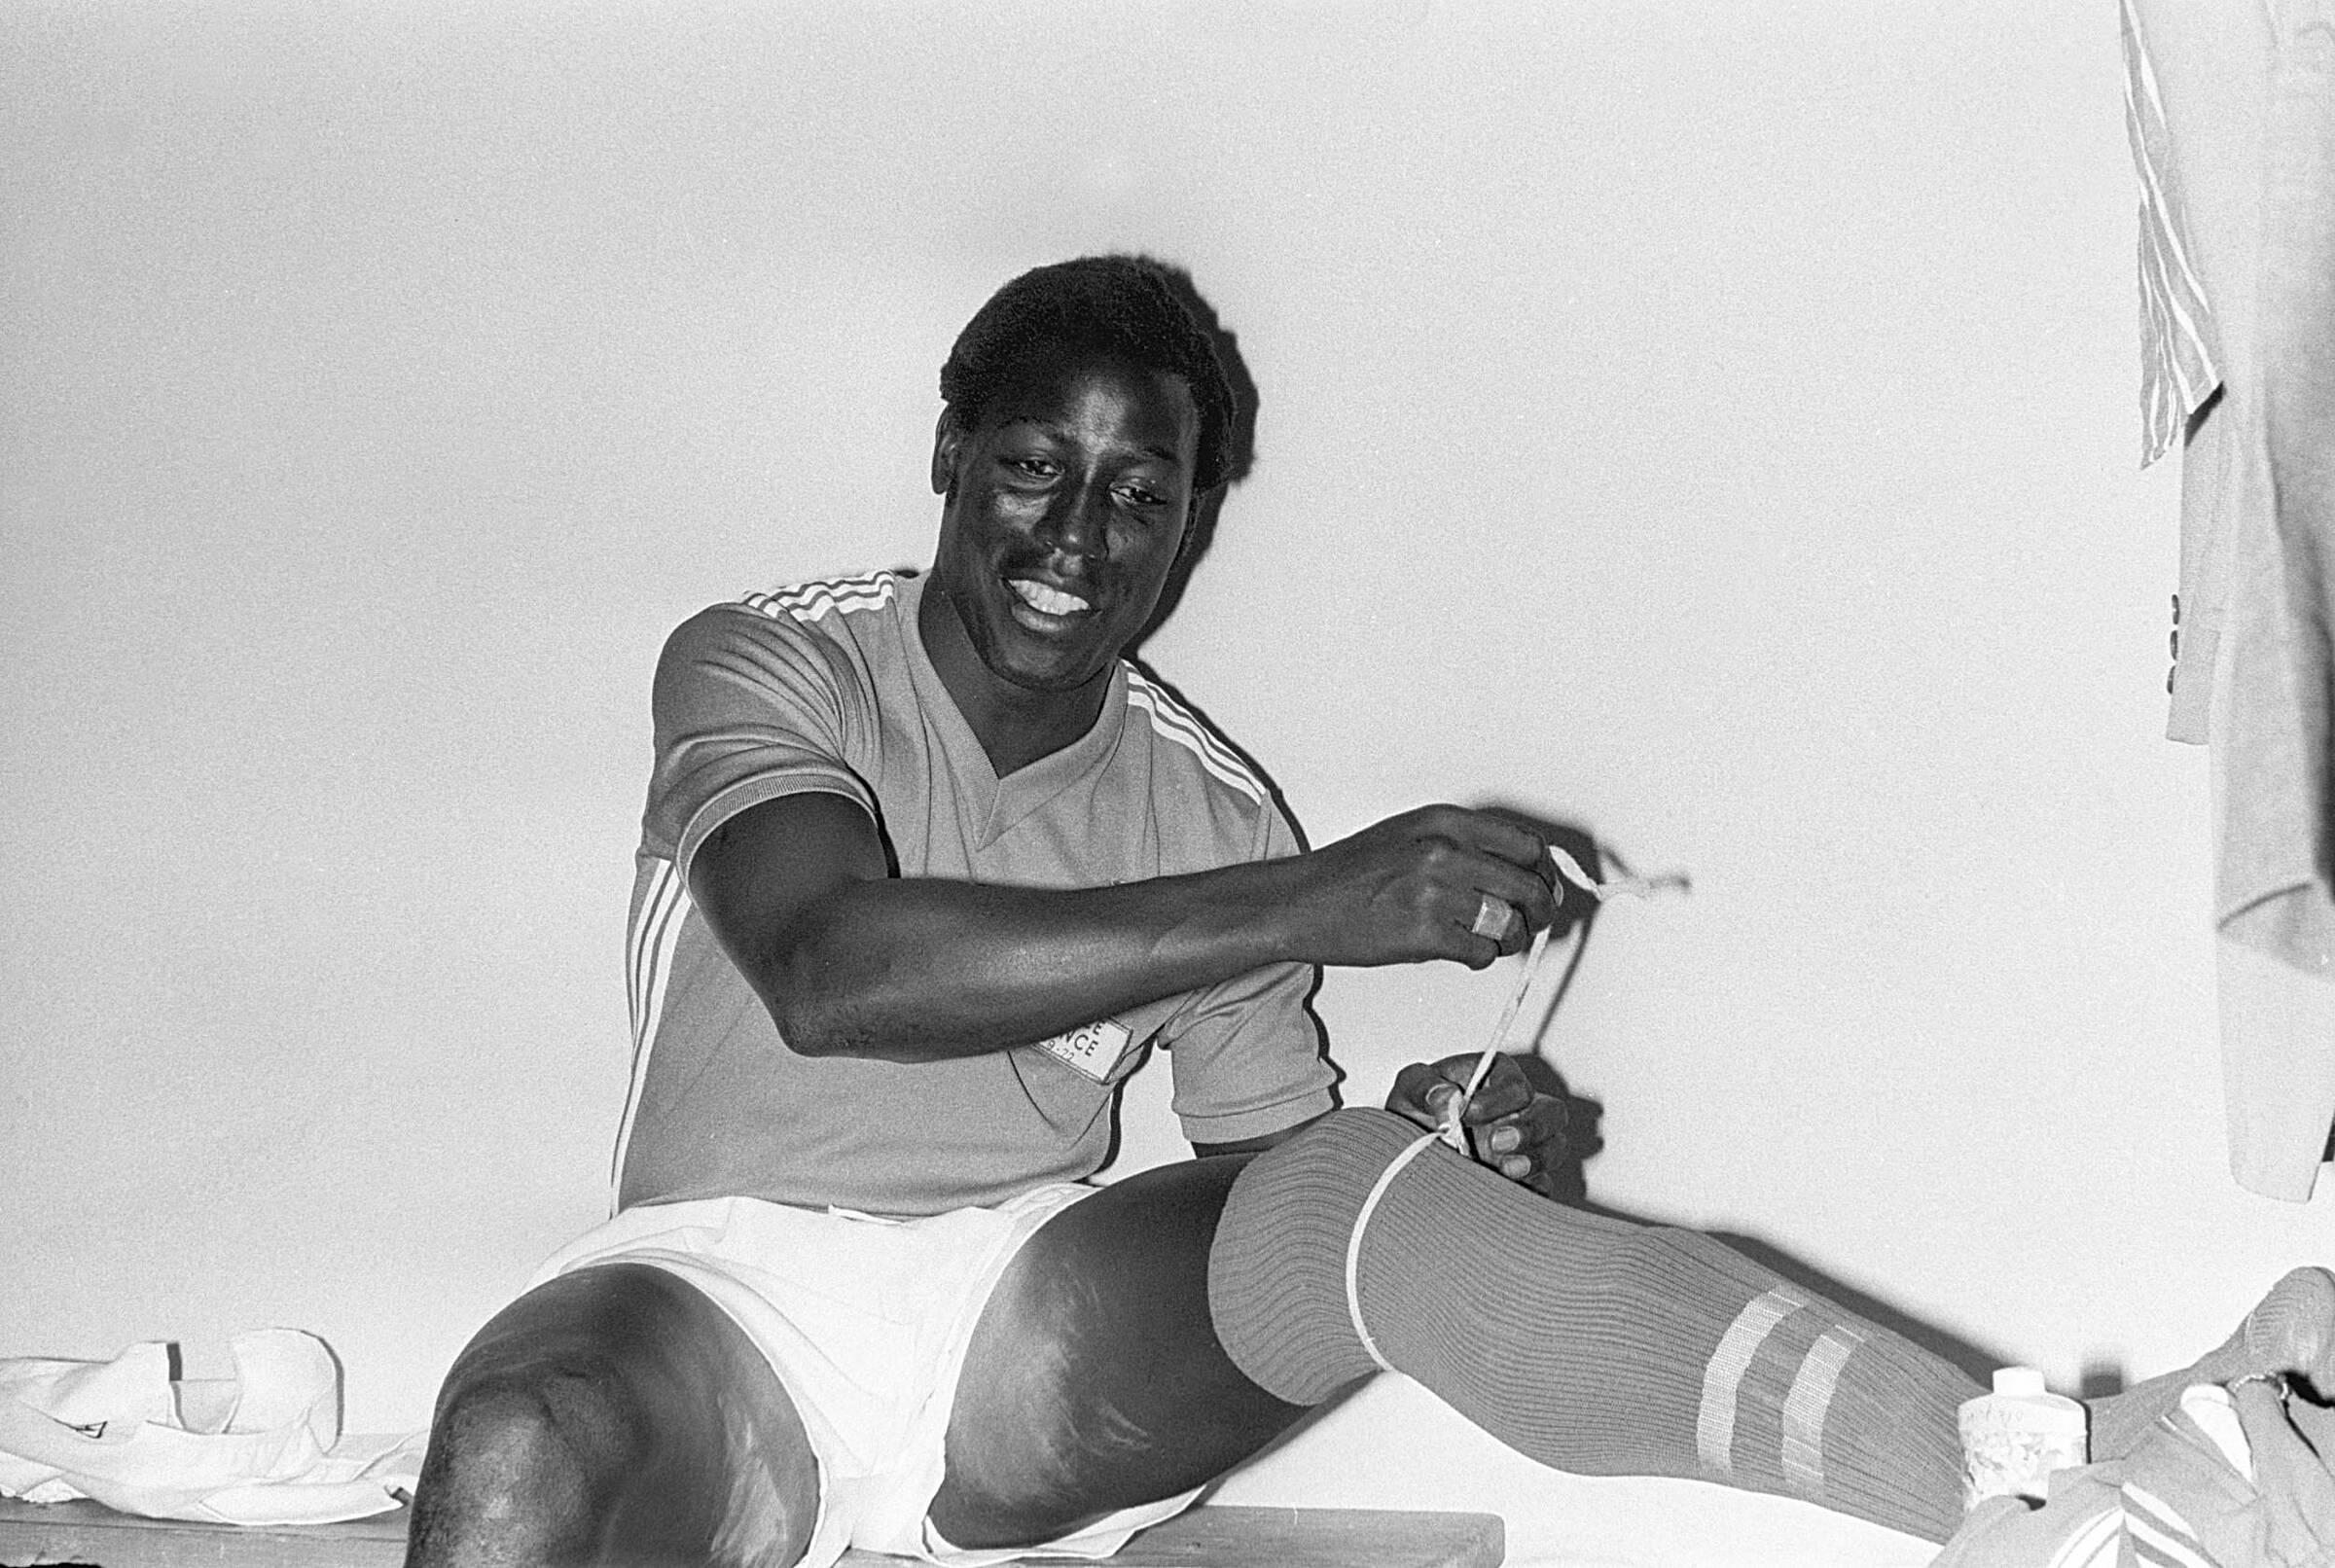 Adams thời trai trẻ, tươi cười trong phòng tay đồ tuyển Pháp. Ông đá 22 trận, trong đó có 21 trận đá chính, với 1876 phút khoác áo Les Bleus giai đoạn 1972-1976.Ảnh: LÉquipe